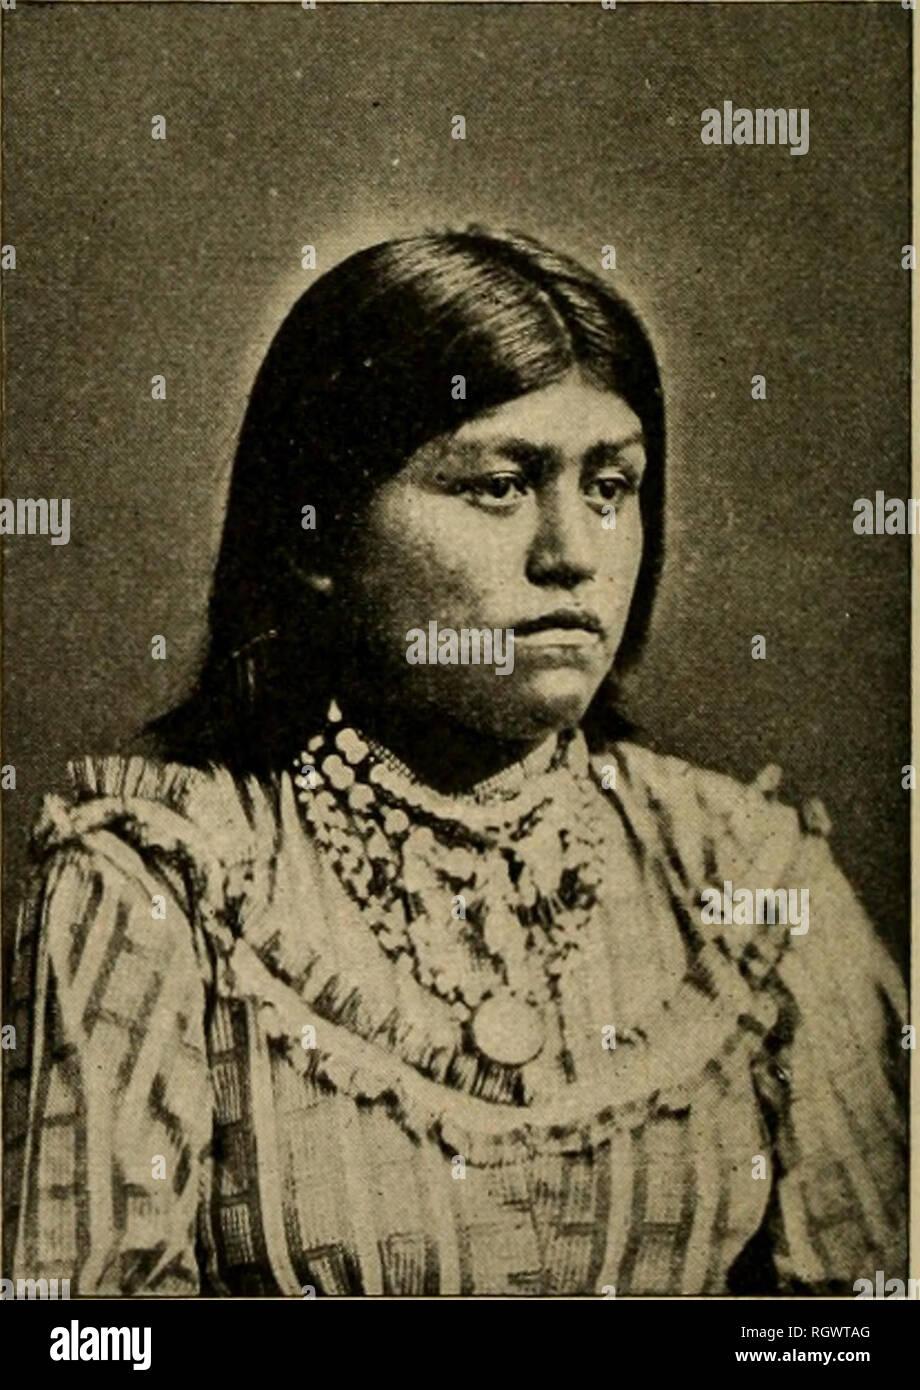 . Boletín. Etnología. CHIQUITO, UN HOMBRE COYOTERO PINAL Gila hasta que fueron sul)por el Gen. dued Crook en 1873. Desde entonces se han labrado pacíficamente sus tierras en San Carlos. Esposa de CHIQUITO Blanco (Hist. Apaches, MS., B. A. E., 1875), desde hace varios años un cirujano en Fort Apache, dice que tienen suaves, voces musicales. Por favor tenga en cuenta que estas imágenes son extraídas de la página escaneada imágenes que podrían haber sido mejoradas digitalmente para mejorar la legibilidad, la coloración y el aspecto de estas ilustraciones pueden no parecerse perfectamente a la obra original. La Smithsonian Institution. Mesa de Etnología Americana. Washin Imagen De Stock